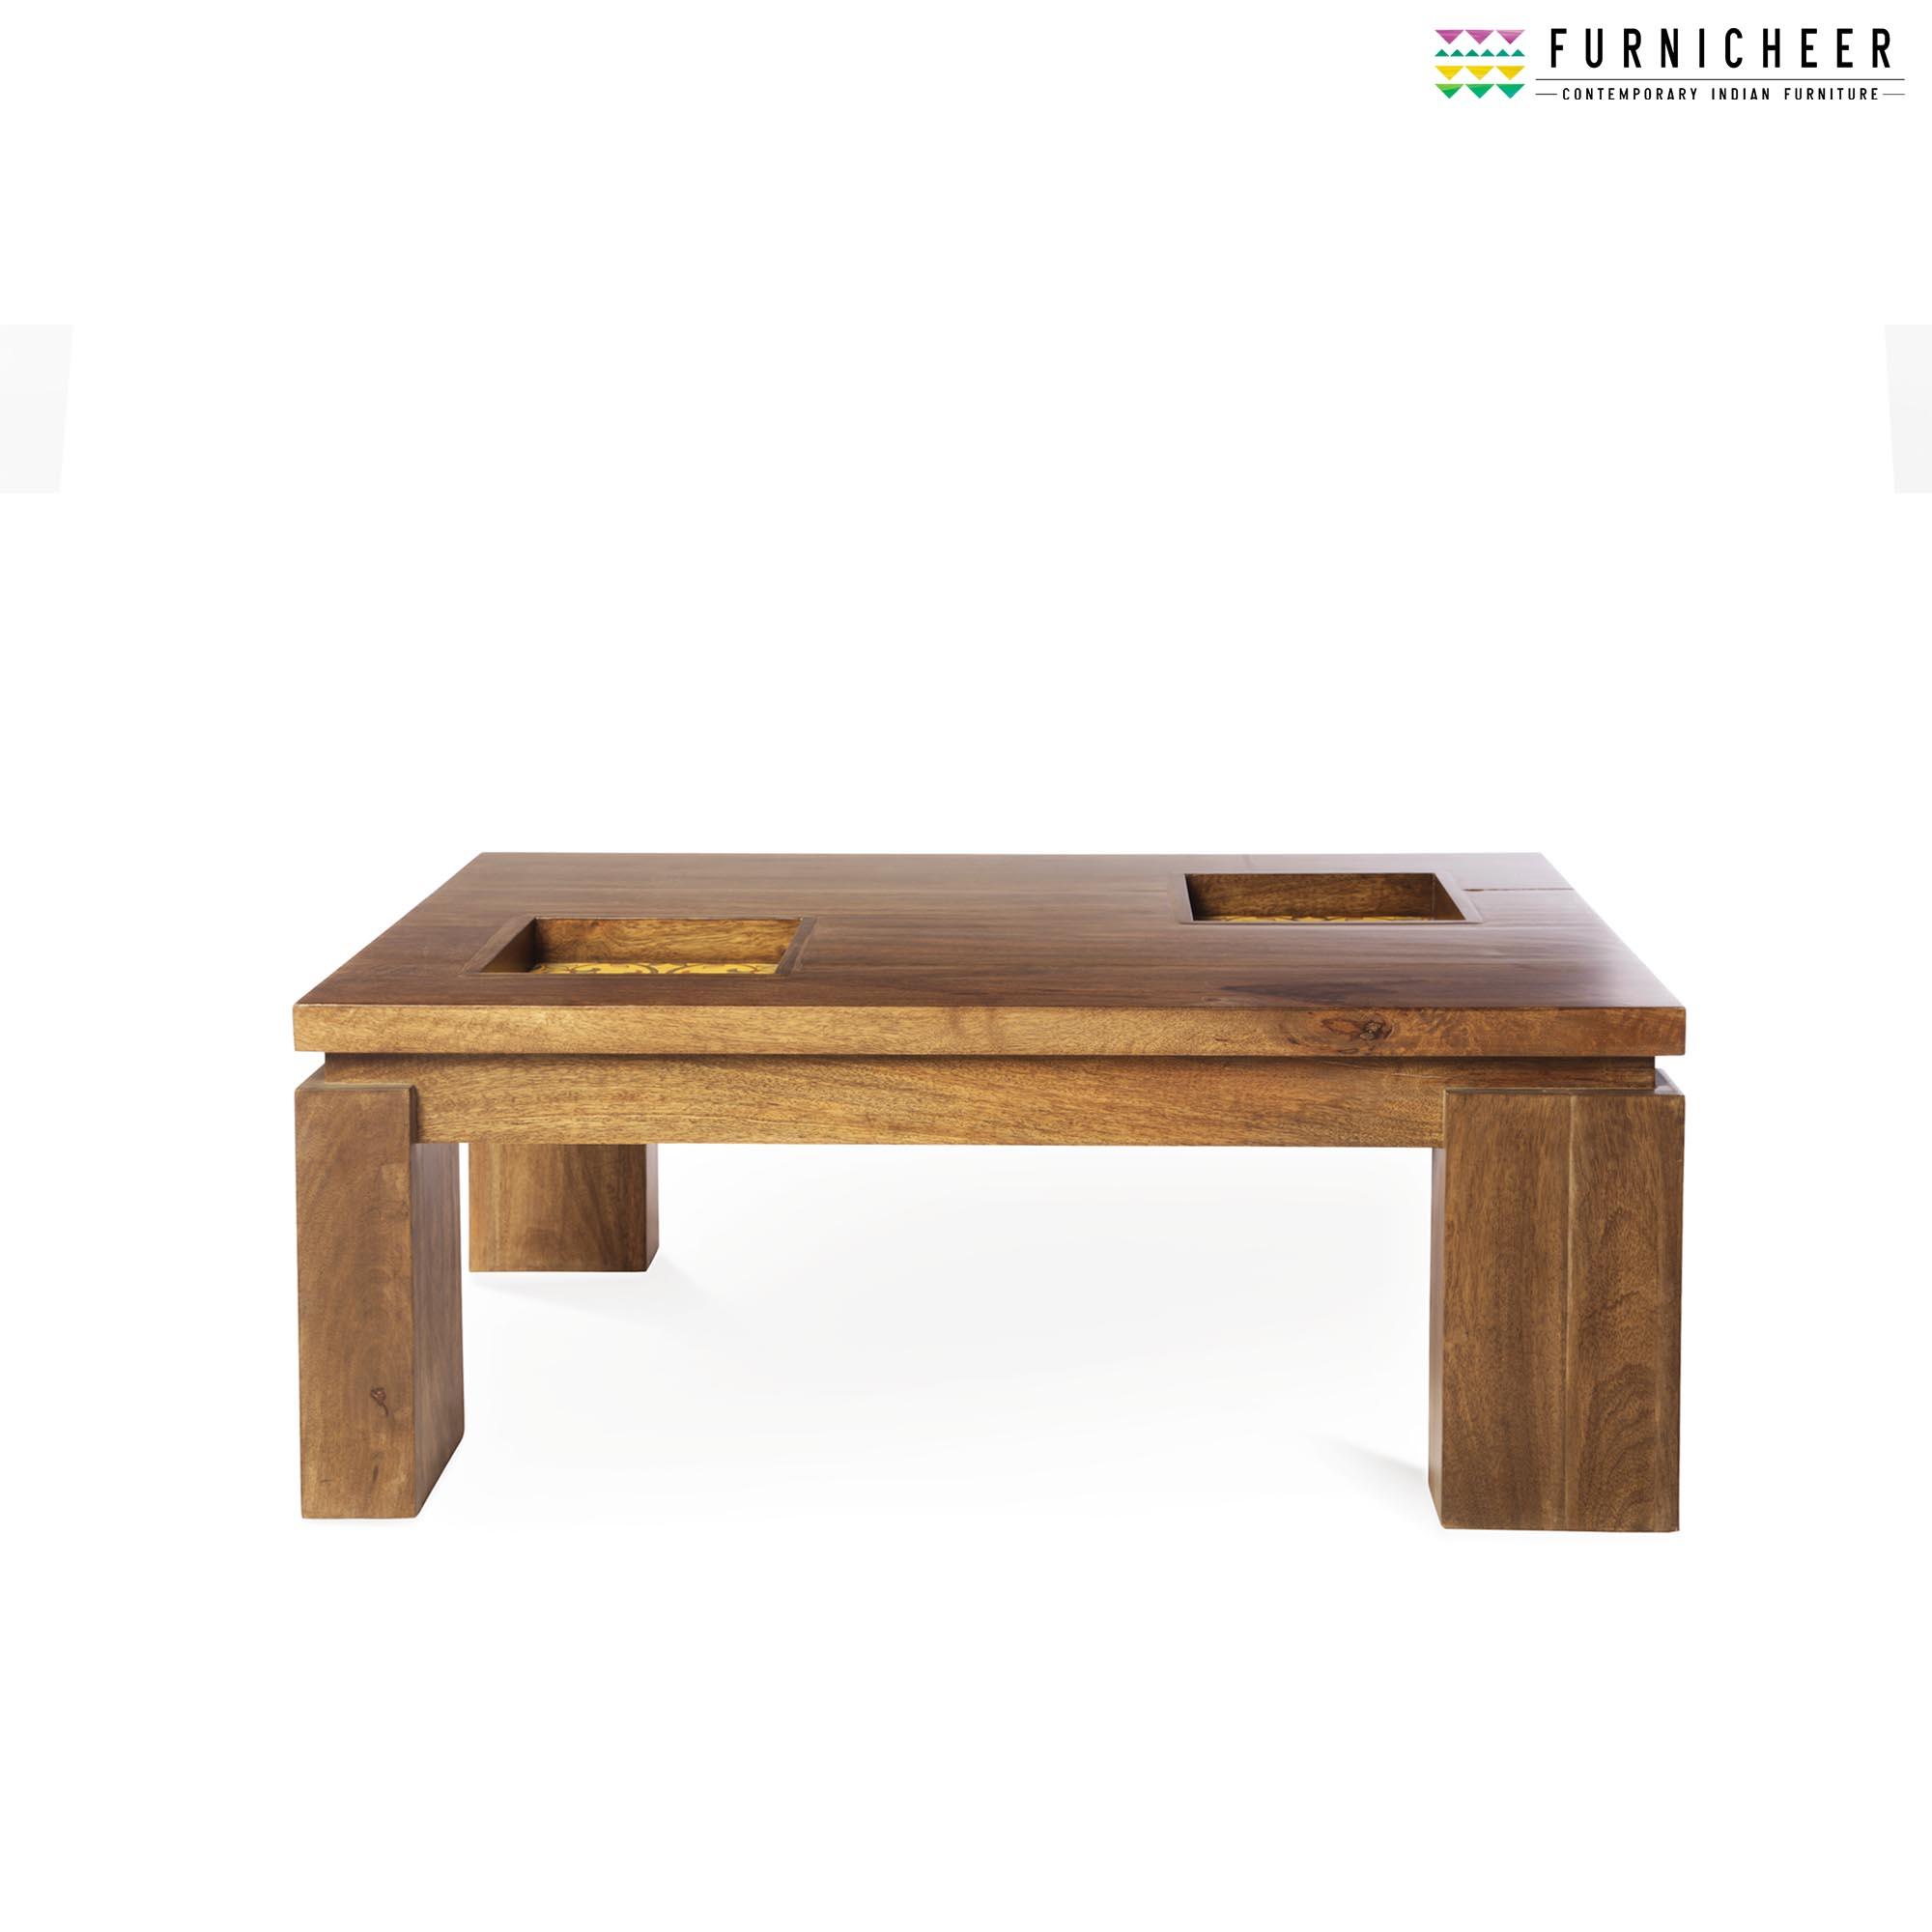 2.COFFEE TABLE SKU TLWL7216